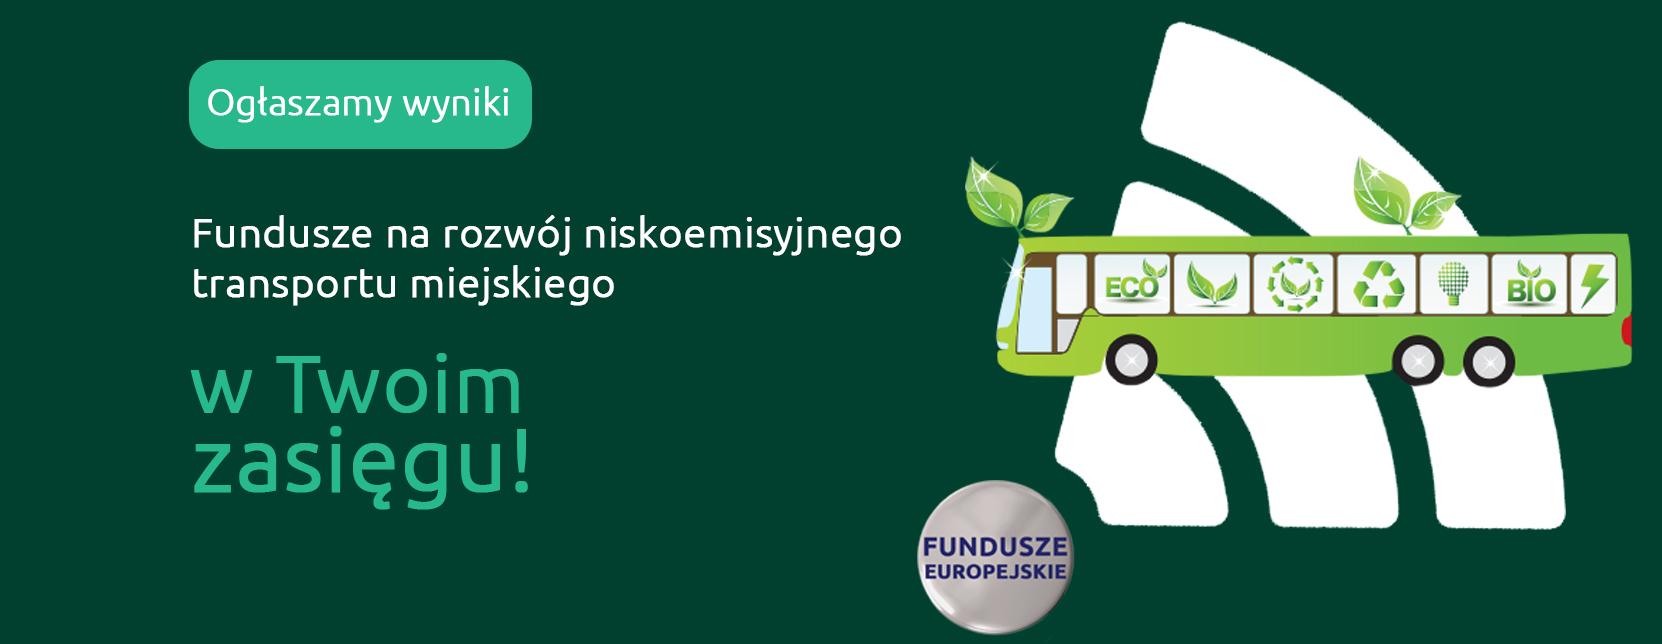 Ogłaszamy wyniki konkursu – ponad 49 mln zł na mobilność miejską w Sochaczewie i Płocku